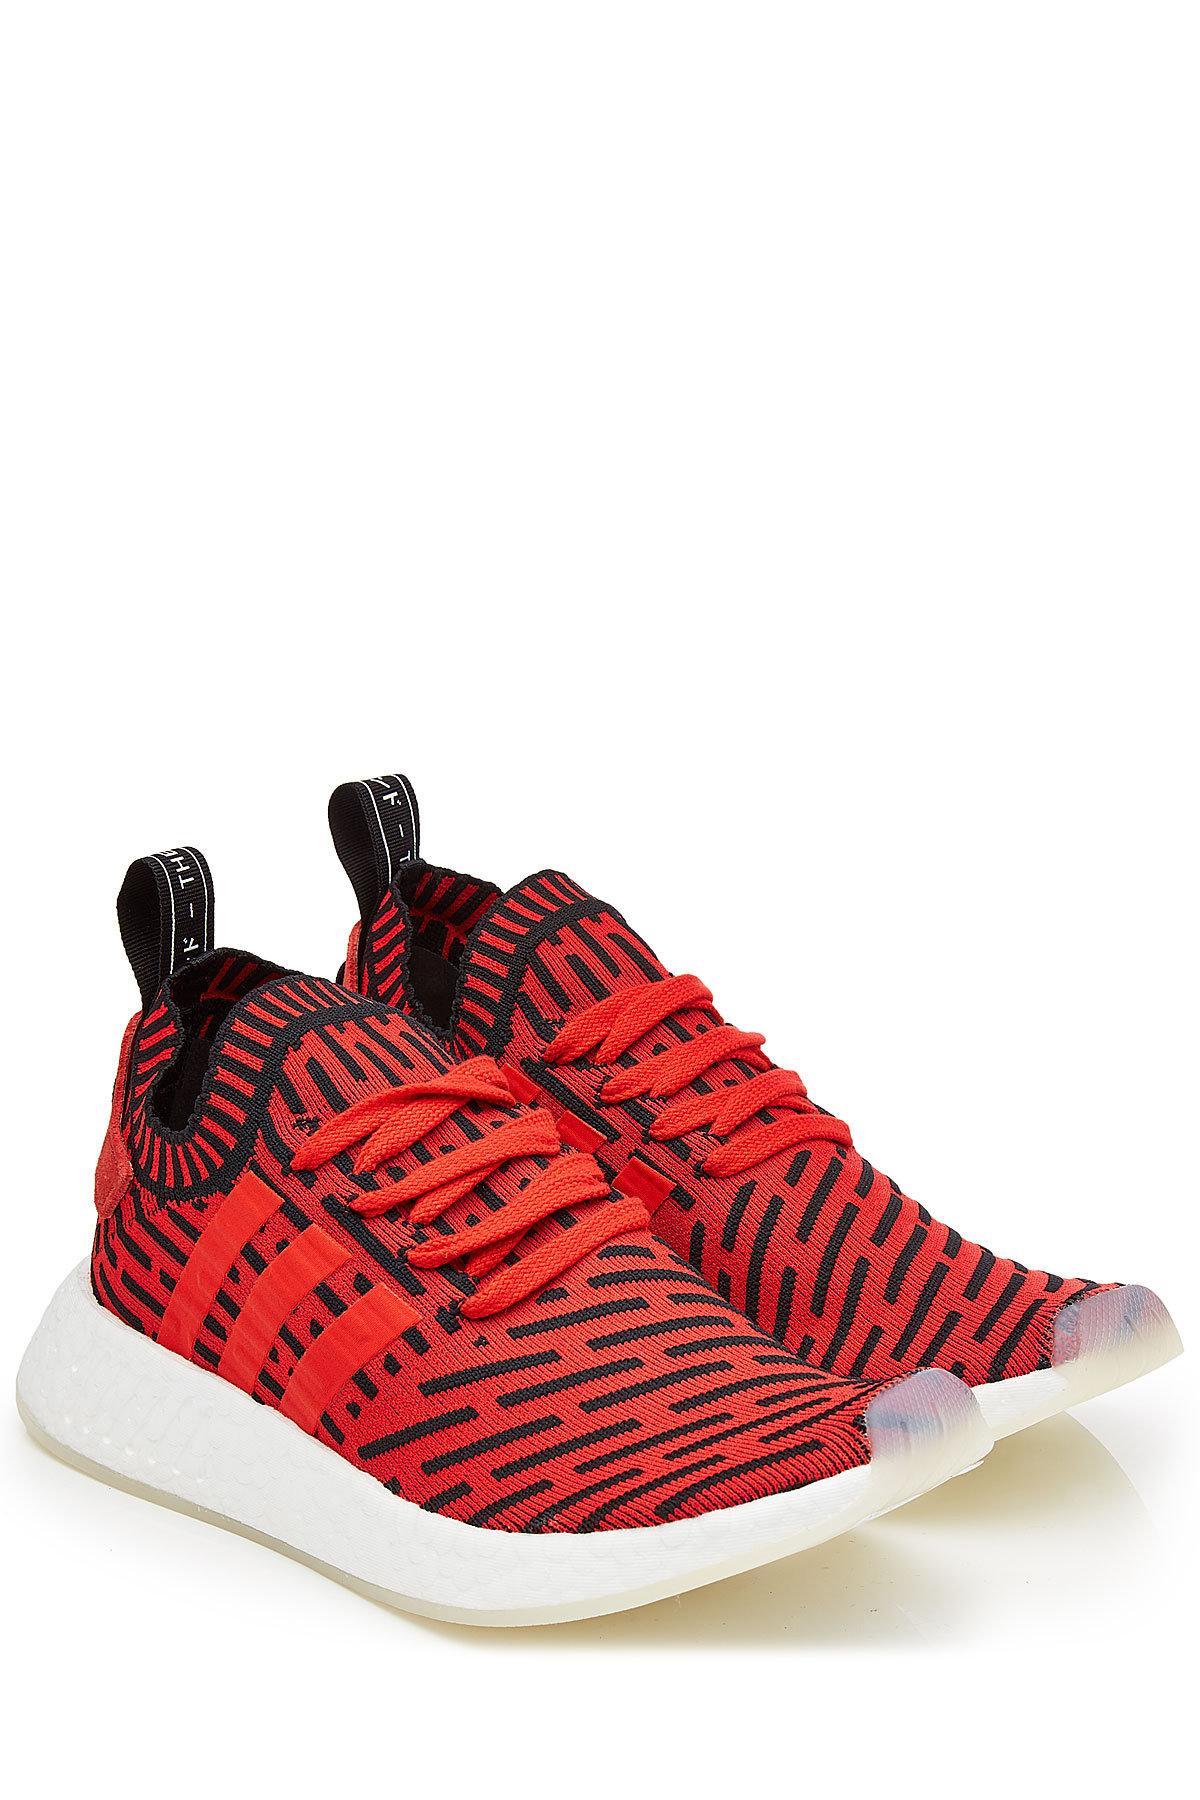 Adidas Originals NMD R2 primeknit zapatilla en rojo para hombres Lyst